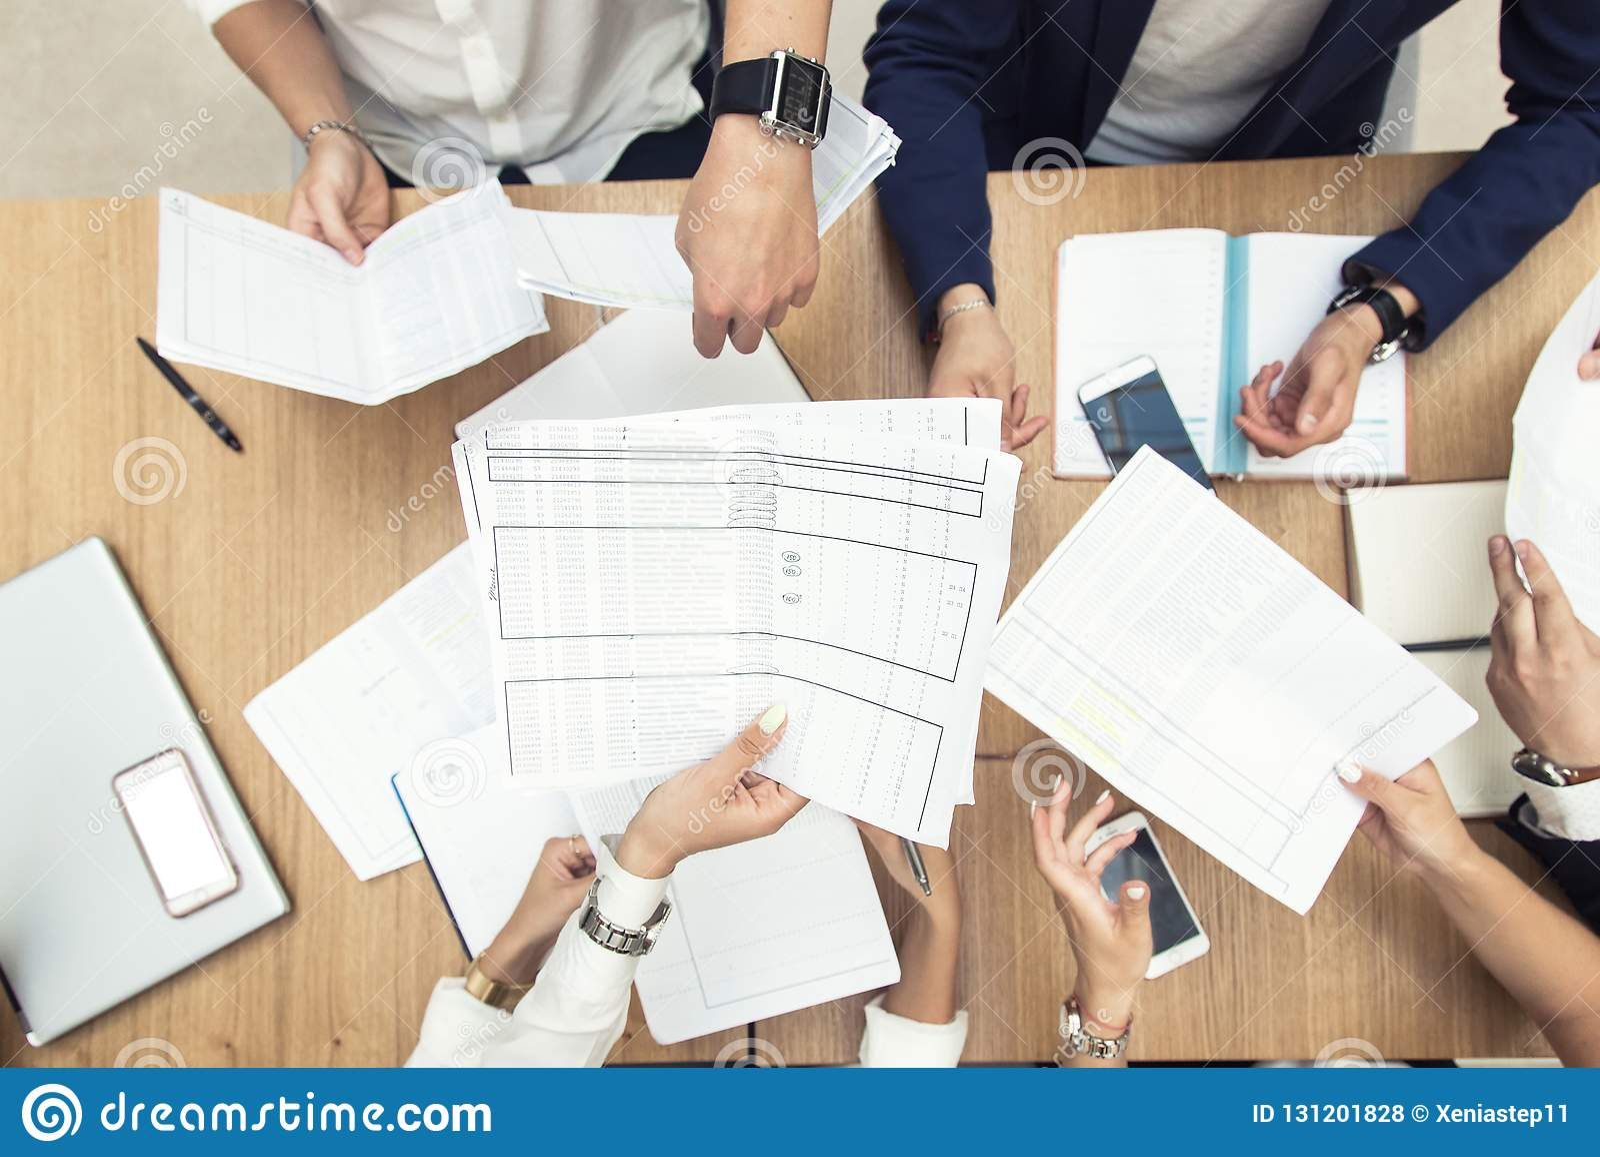 Ομάδα επιχειρησιακής συνεδρίασης στον πίνακα στο σύγχρονο γραφείο, την εργασία ομάδας και τα διαφορετικά χέρια που ενώνουν μαζί τ